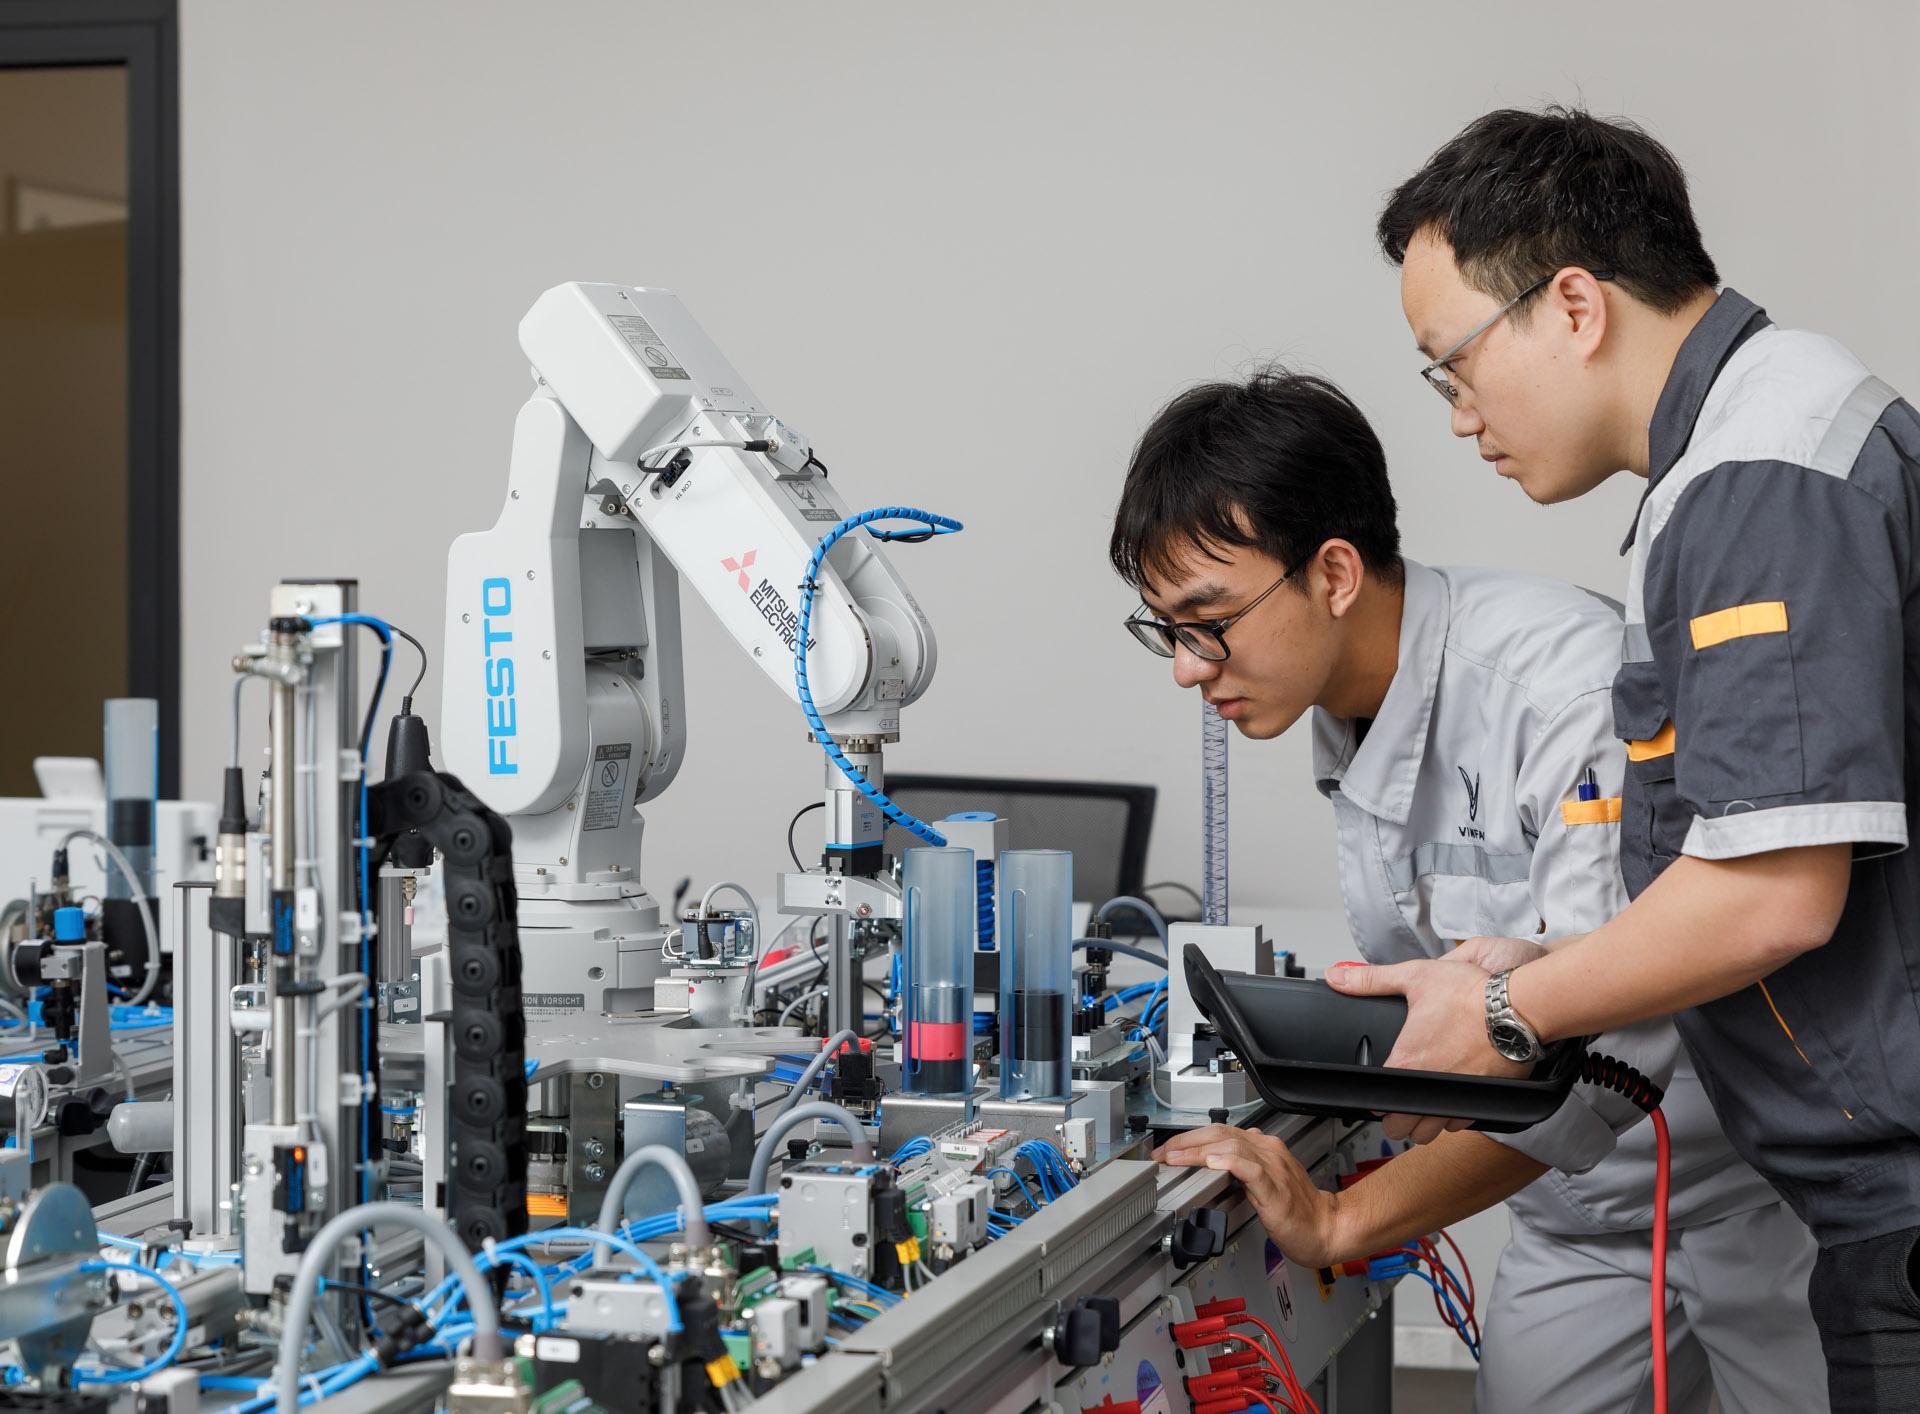 VinFast hợp tác đào tạo Cao đẳng chuyên ngành Cơ điện tử và Kỹ thuật ô tô - Ảnh 2.